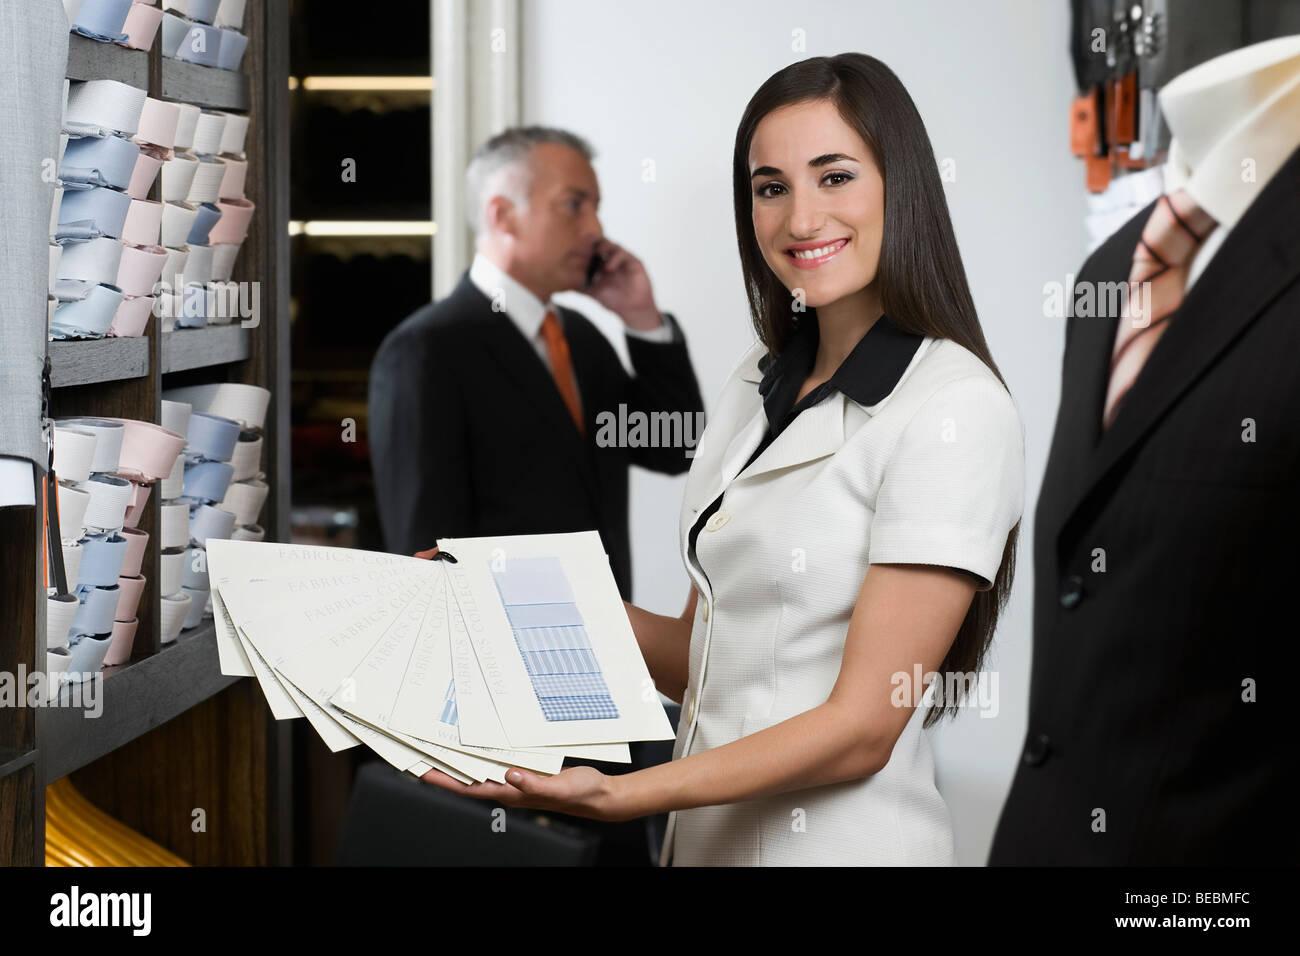 Addetto alle vendite tenendo i campioni di tessuto in un negozio di  abbigliamento Immagini Stock 0760d5f89a0